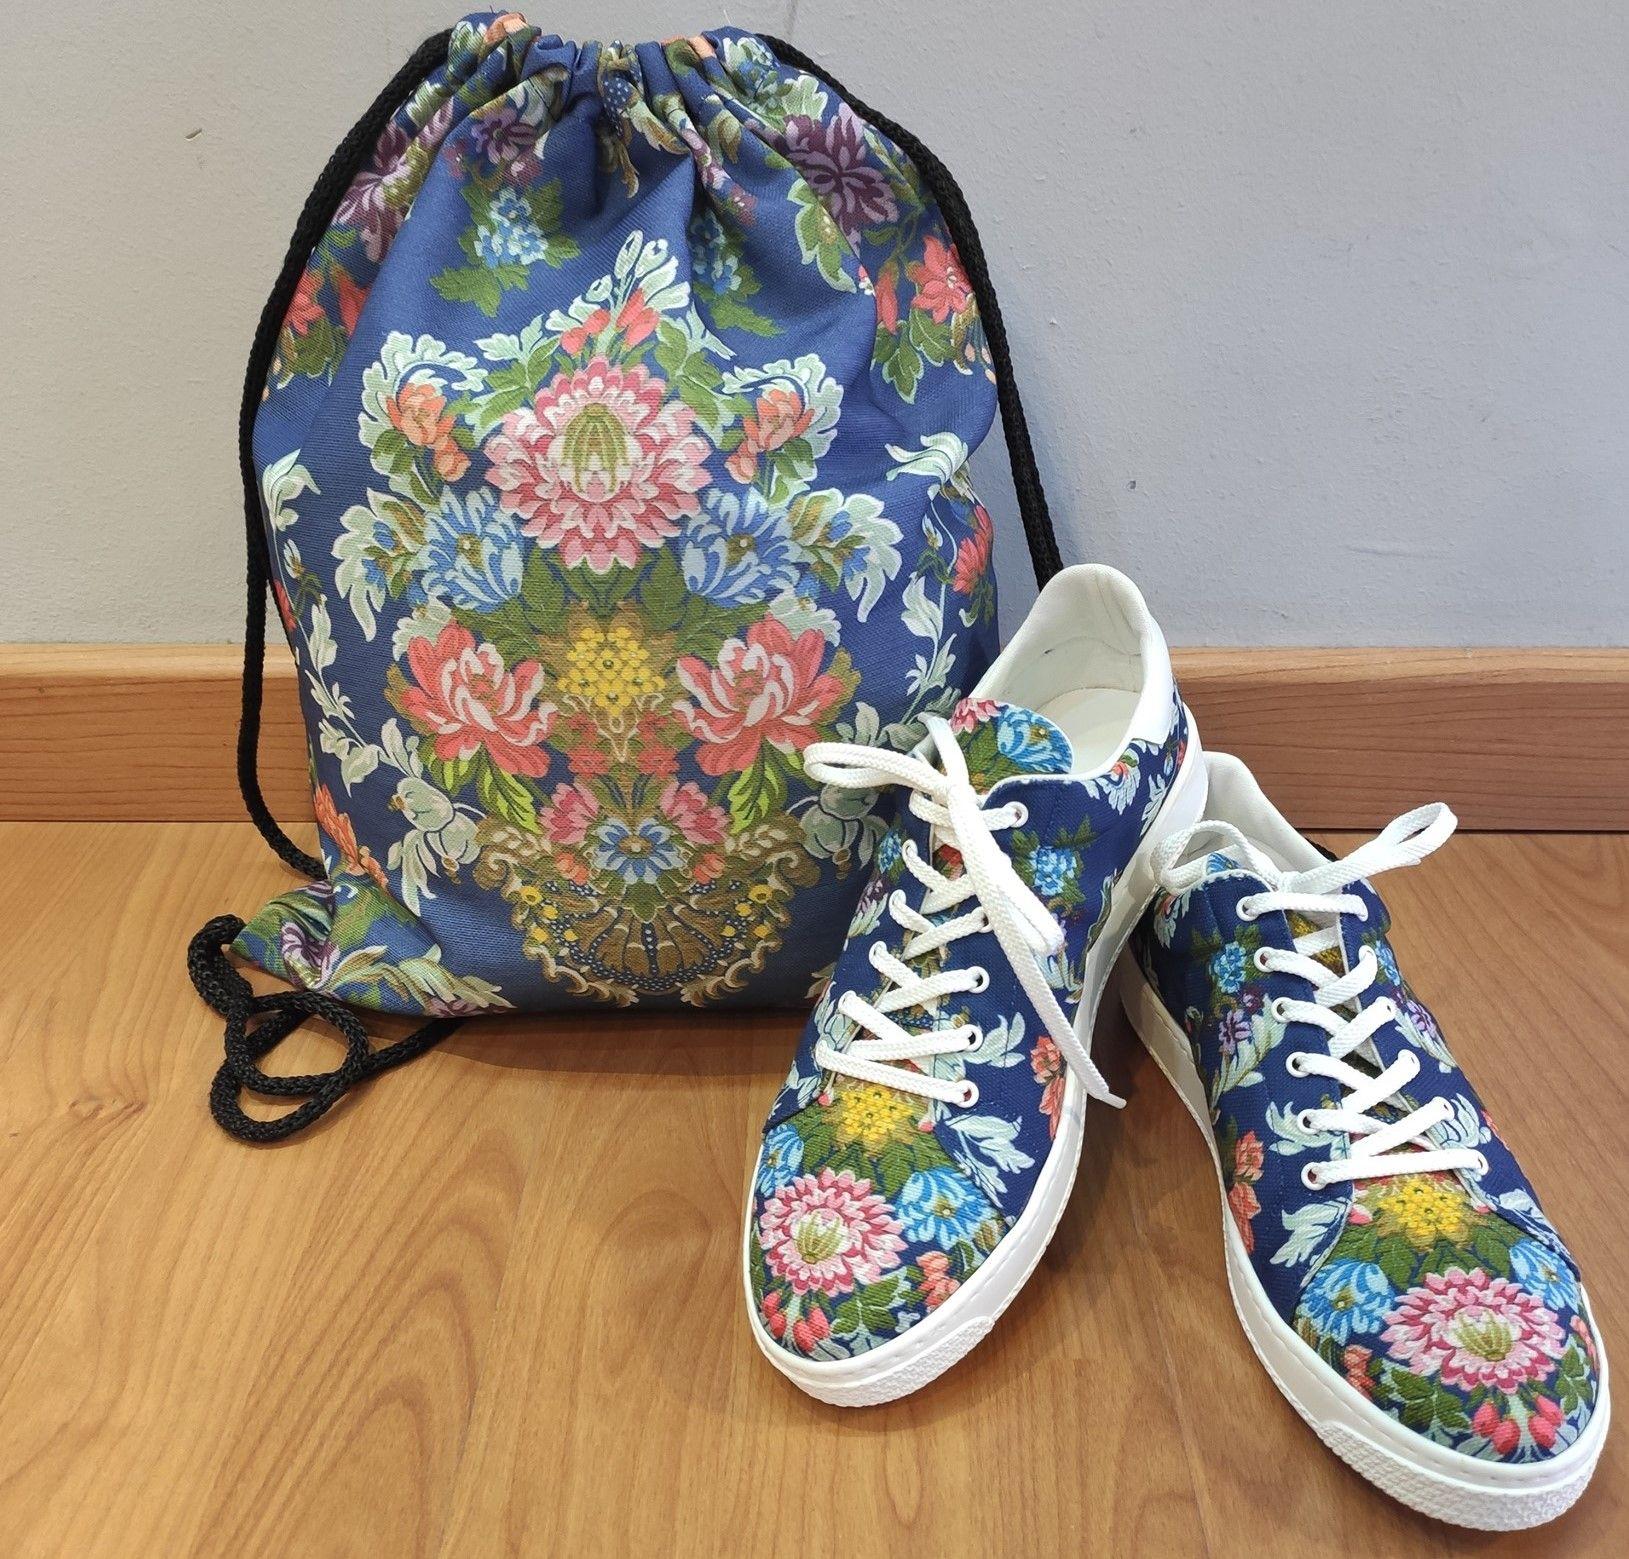 Zapatillas y mochila saco1.jpg